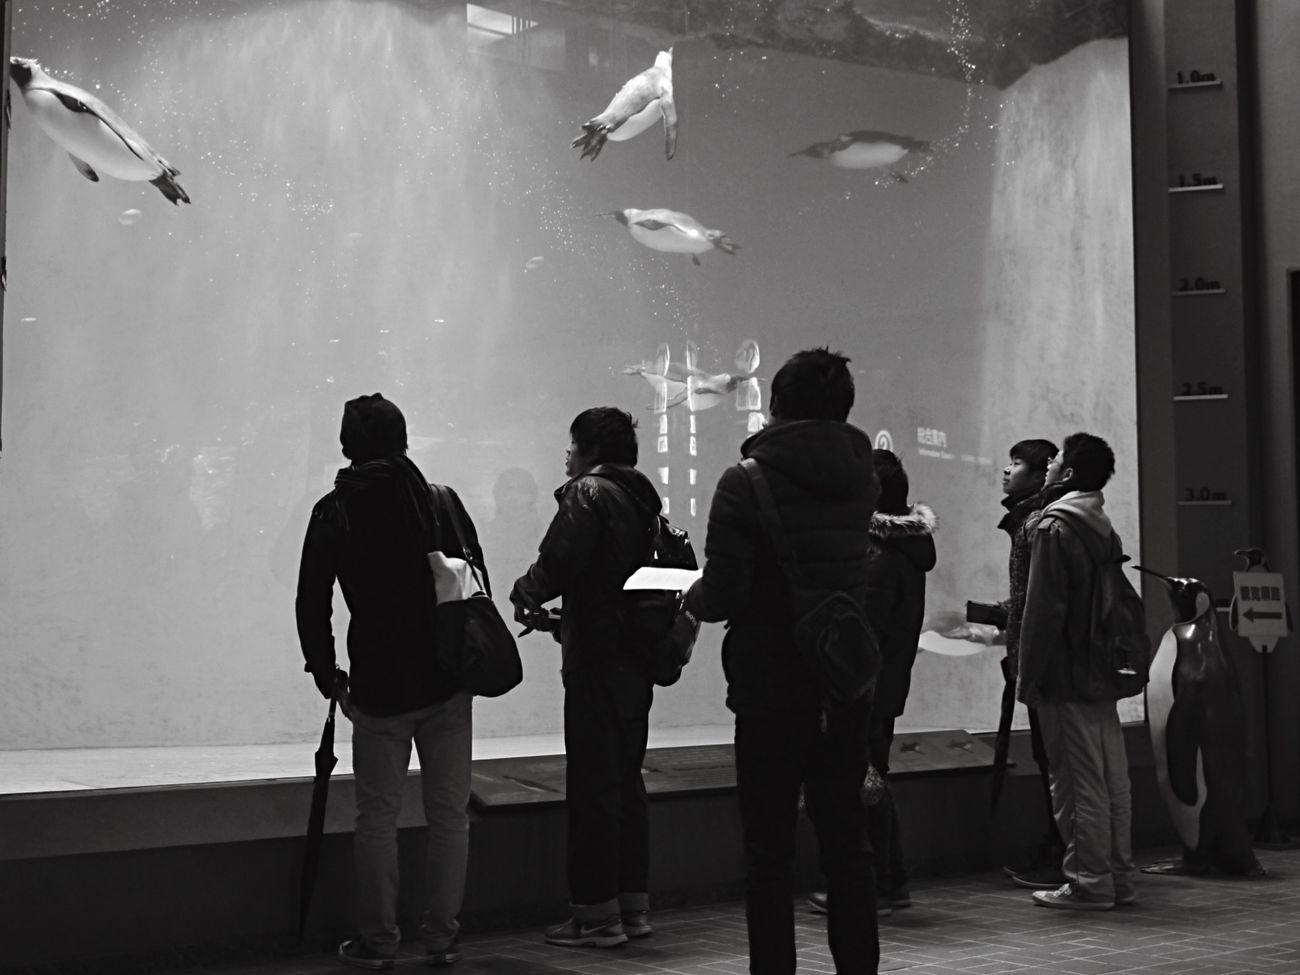 Penguin watching People Black And White BW2 filter(+3) Animal Inside Things Good morning EyeEm_crew